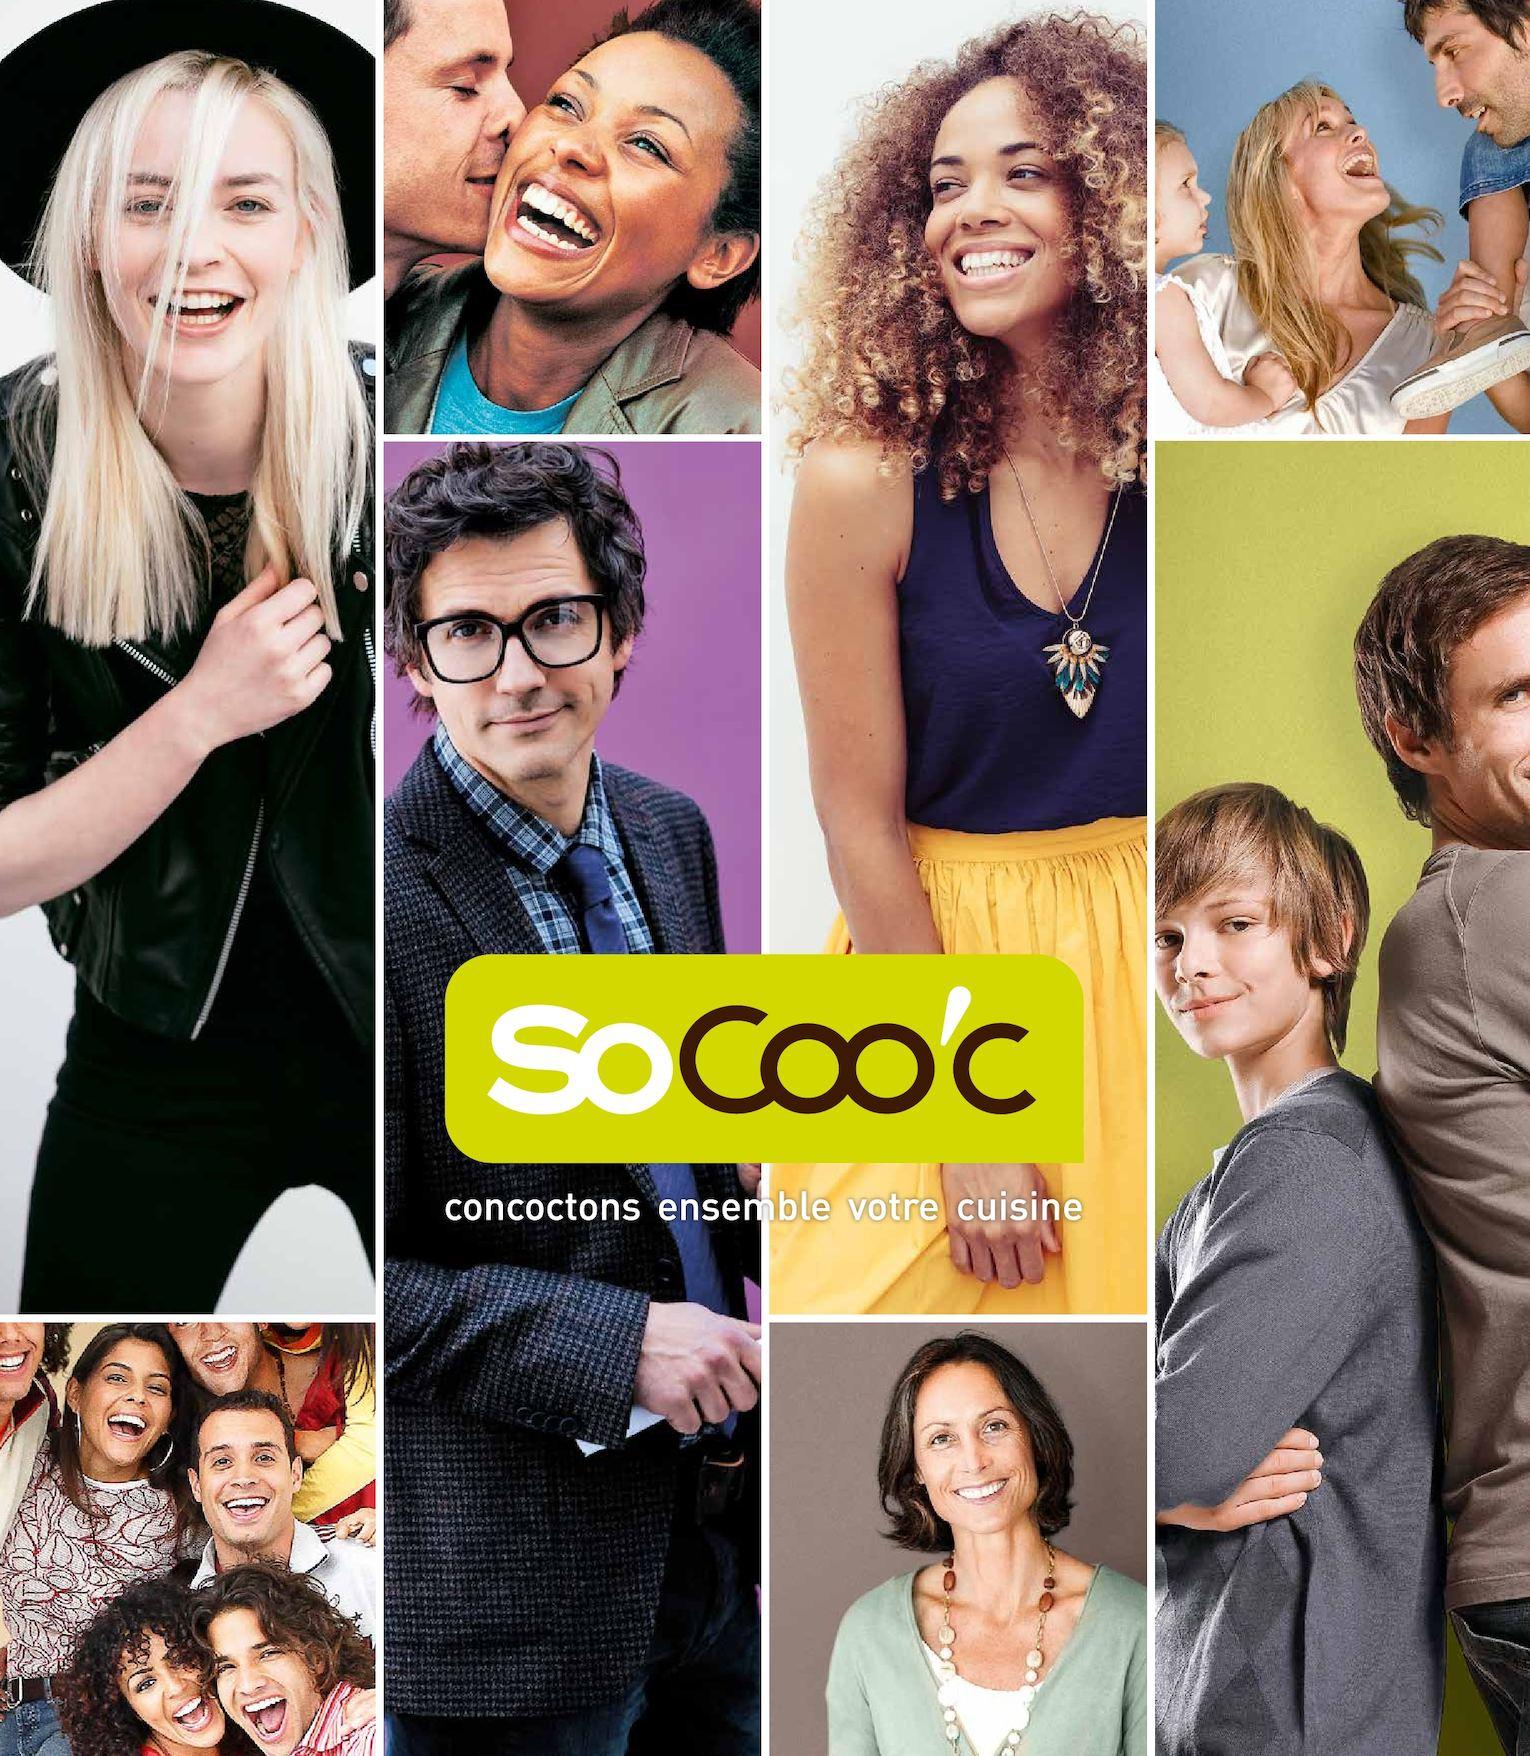 SoCoo'c Cuisines Octobre 2016